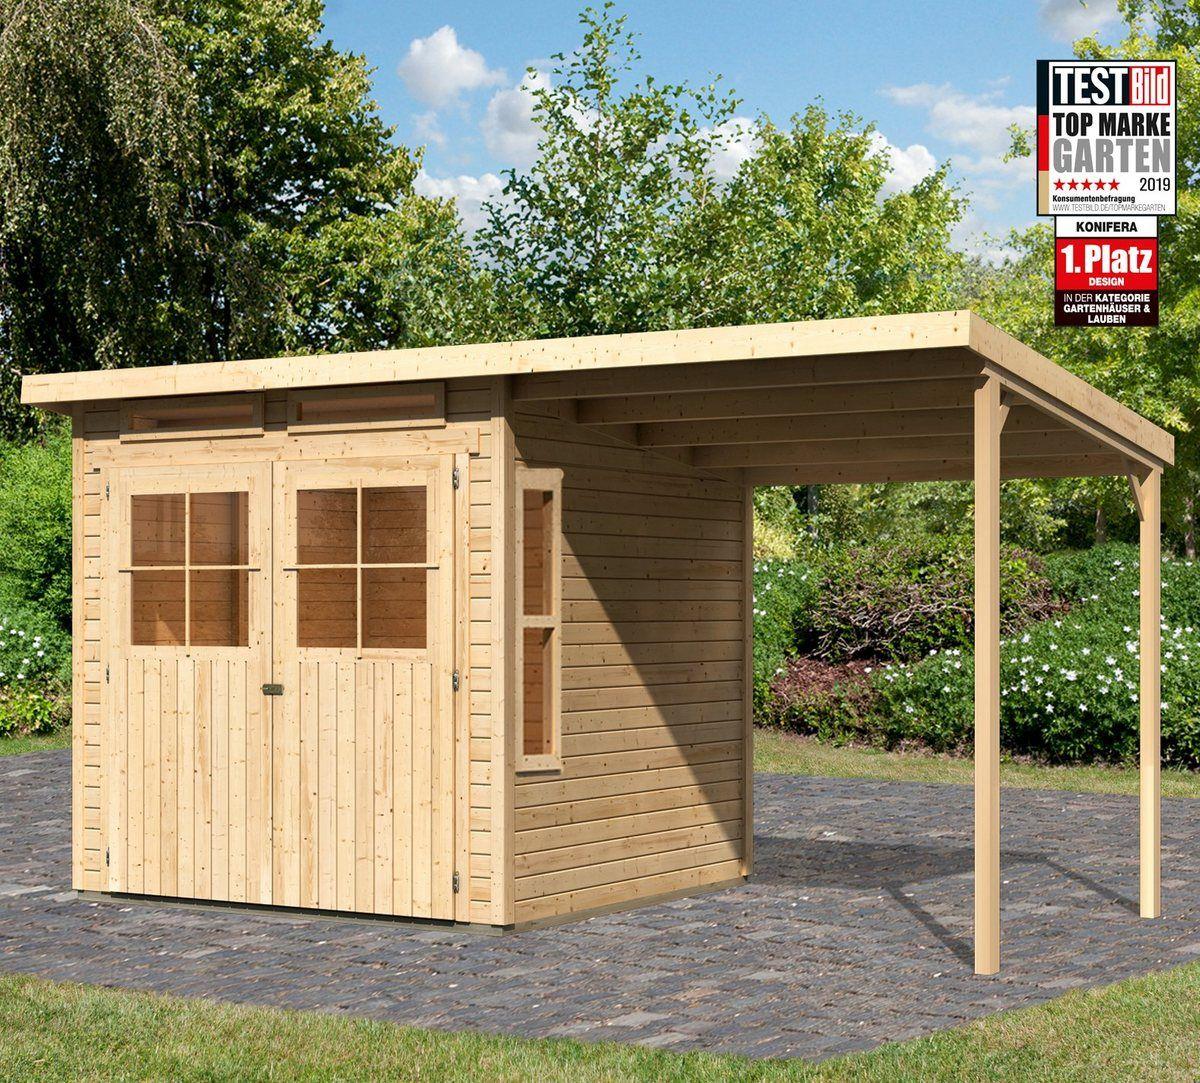 Konifera Gartenhaus Falkensee 3 Bxt 415x236 Cm Set Online Kaufen Otto Gartenhaus Karibu Gartenhaus Gartenhaus Pultdach